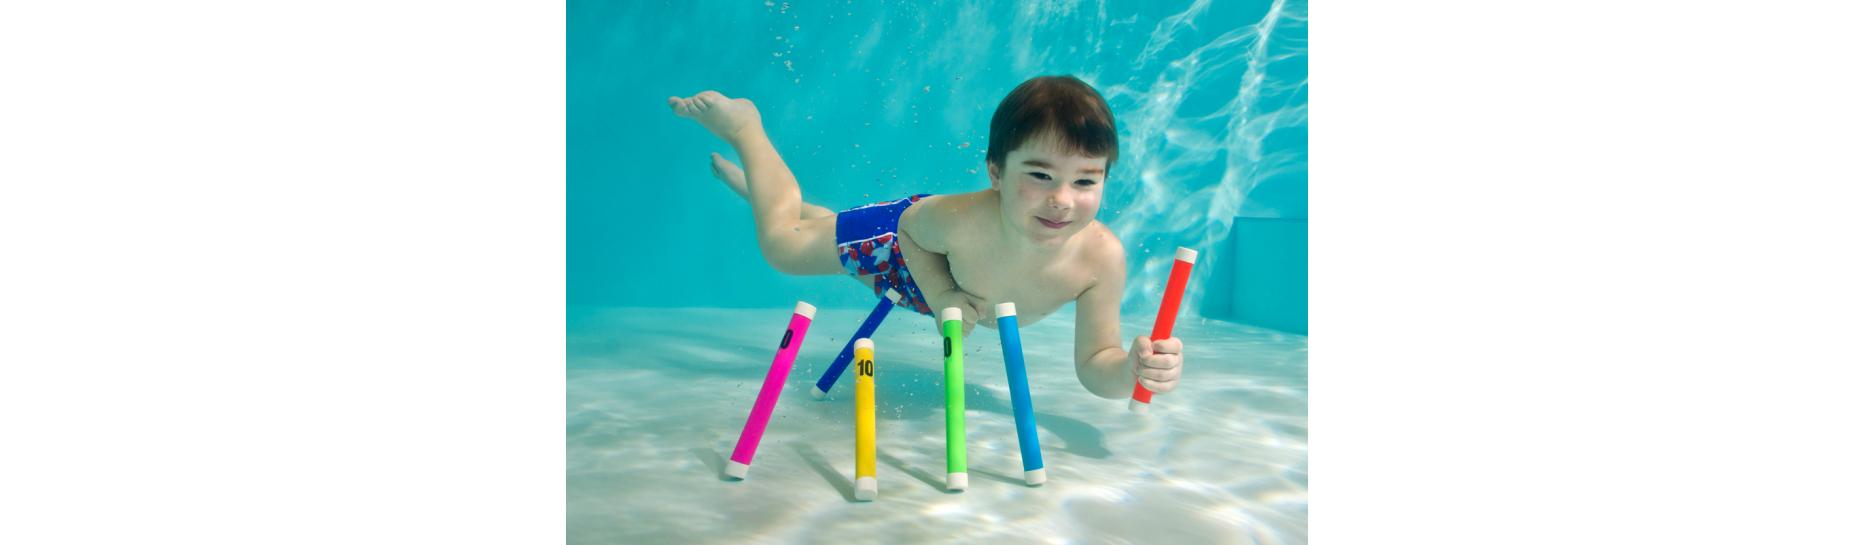 Hry ve vodě